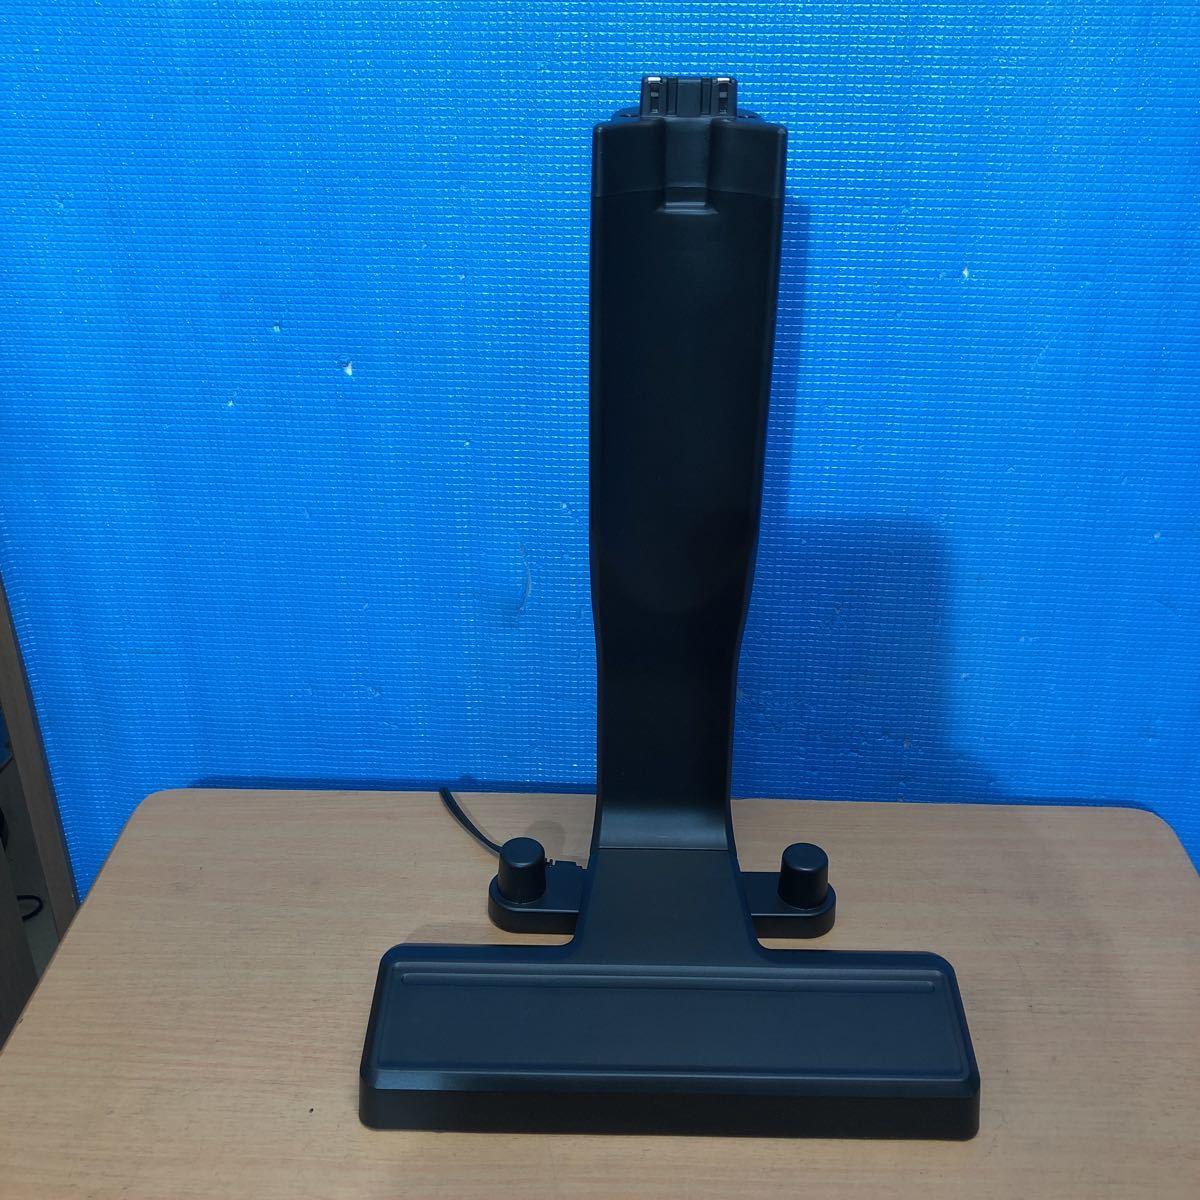 HITACHI パワーブースト サイクロン式コードレスクリーナー PV-BD700 16年製 店舗展示サンプル用実演機_画像10